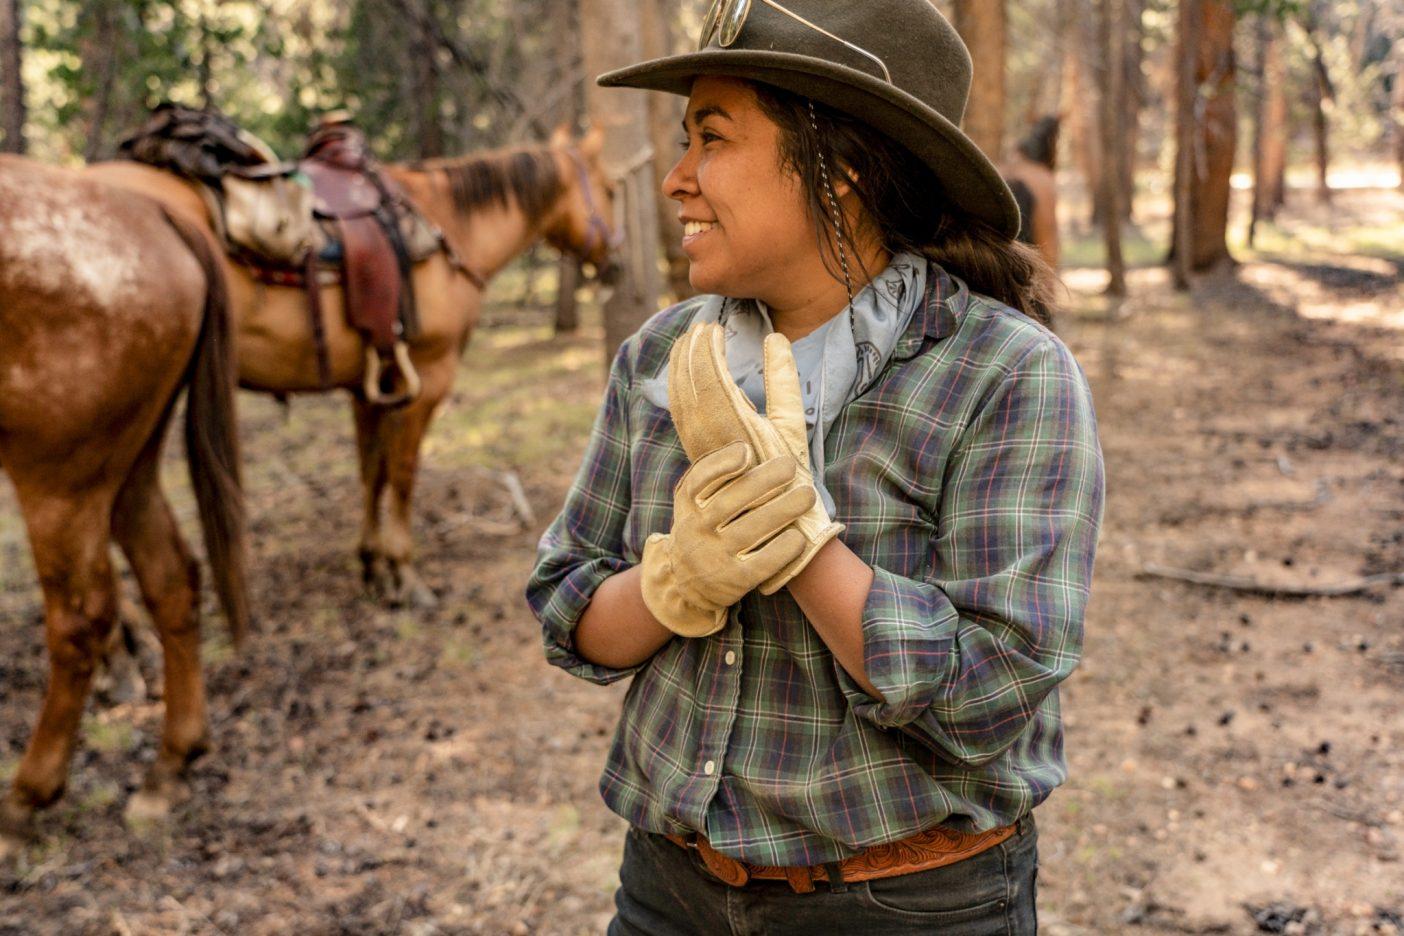 旅の2日目、数頭の馬とラバが、自らの意志でキャンプに戻ってきた後のジェイド。パトリスはその日の出来事をこう思い出す。「世話役のアニエラとサムが他の馬やラバの番をしている間、私たちは戻った馬と一緒に待つしかなかったわ。」Photo:Taylor Rees